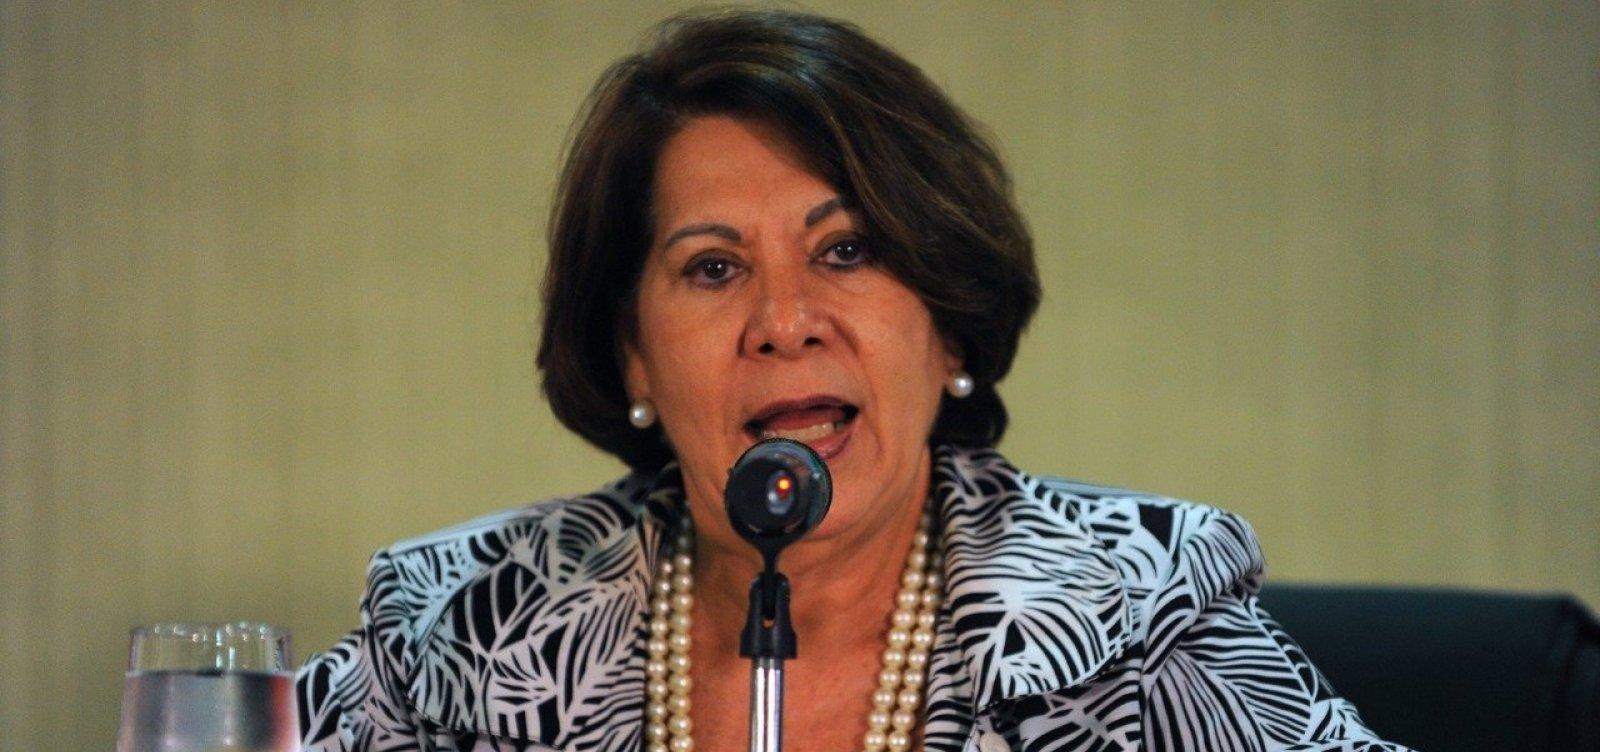 Eliana Calmon muda discurso e pode assumir ministério: 'Vamos ver'